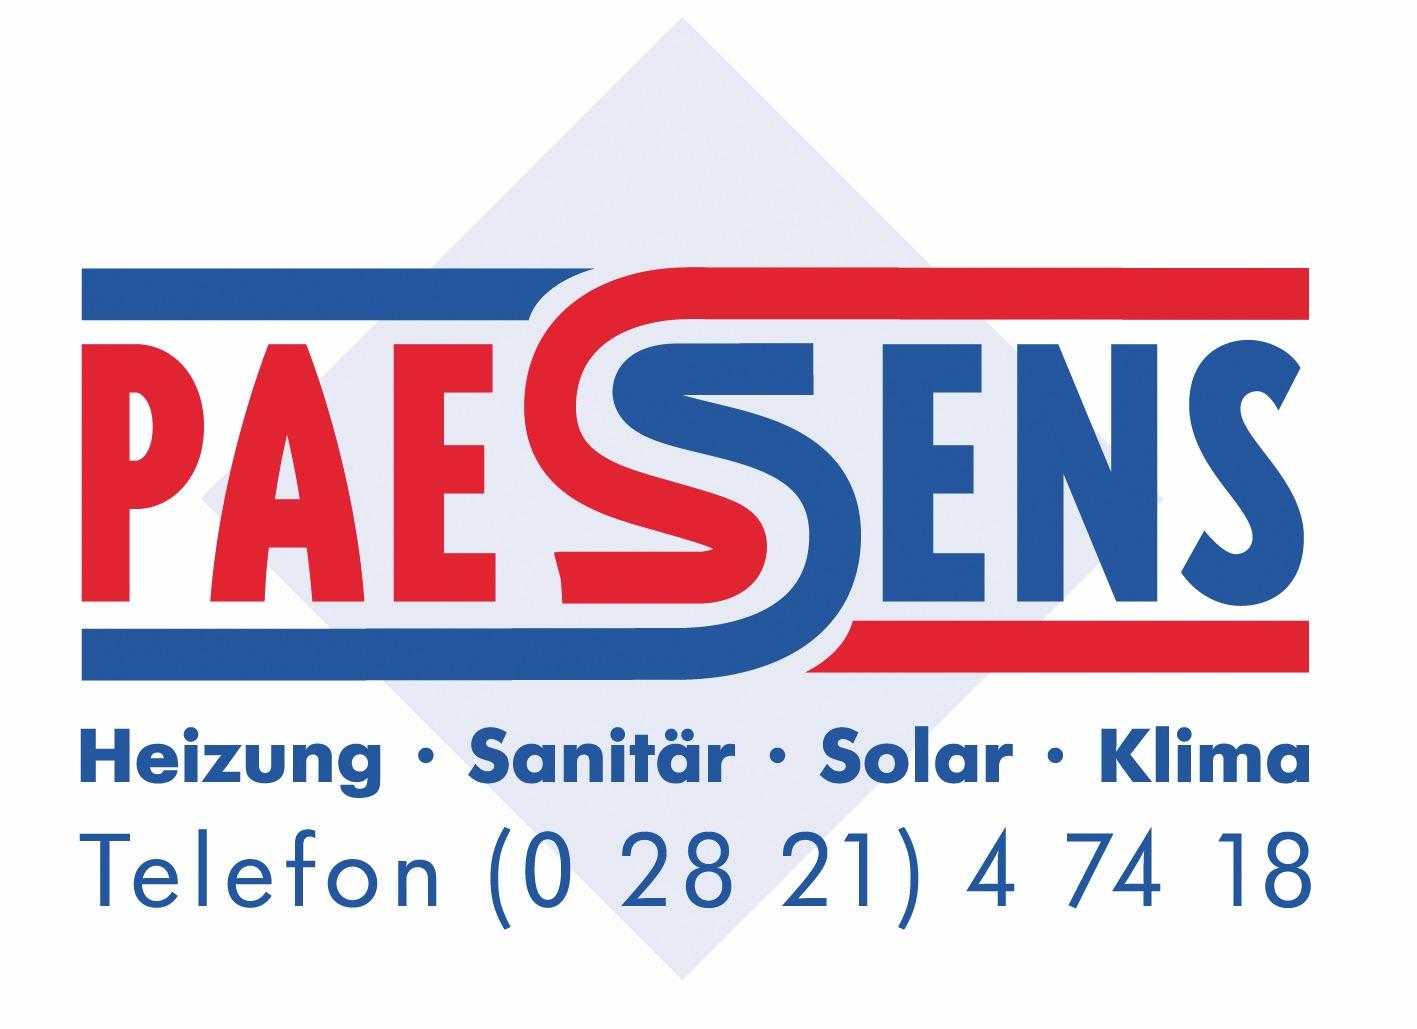 Paessens_Logo+tel